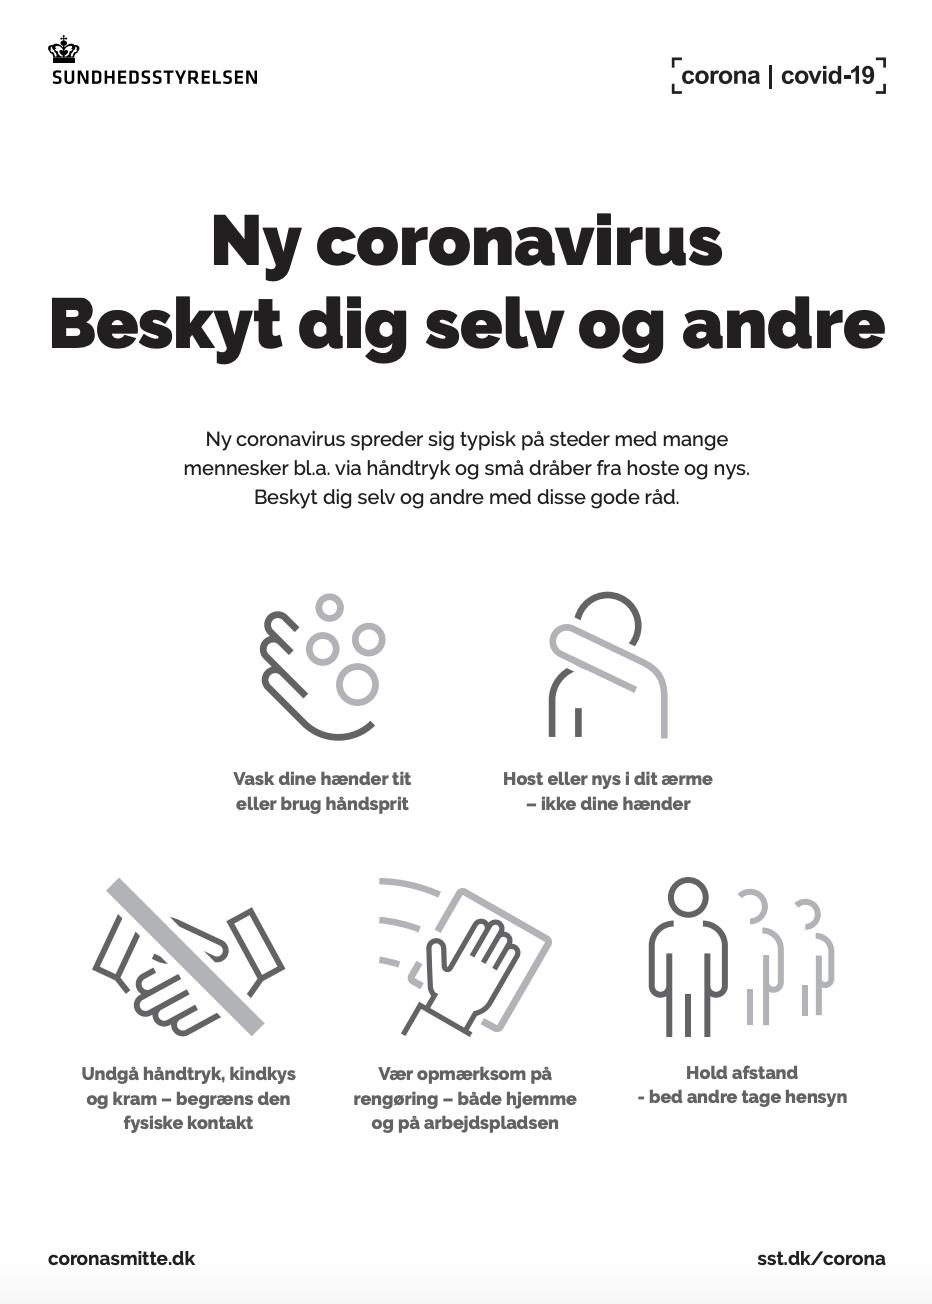 https://www.sst.dk/da/corona